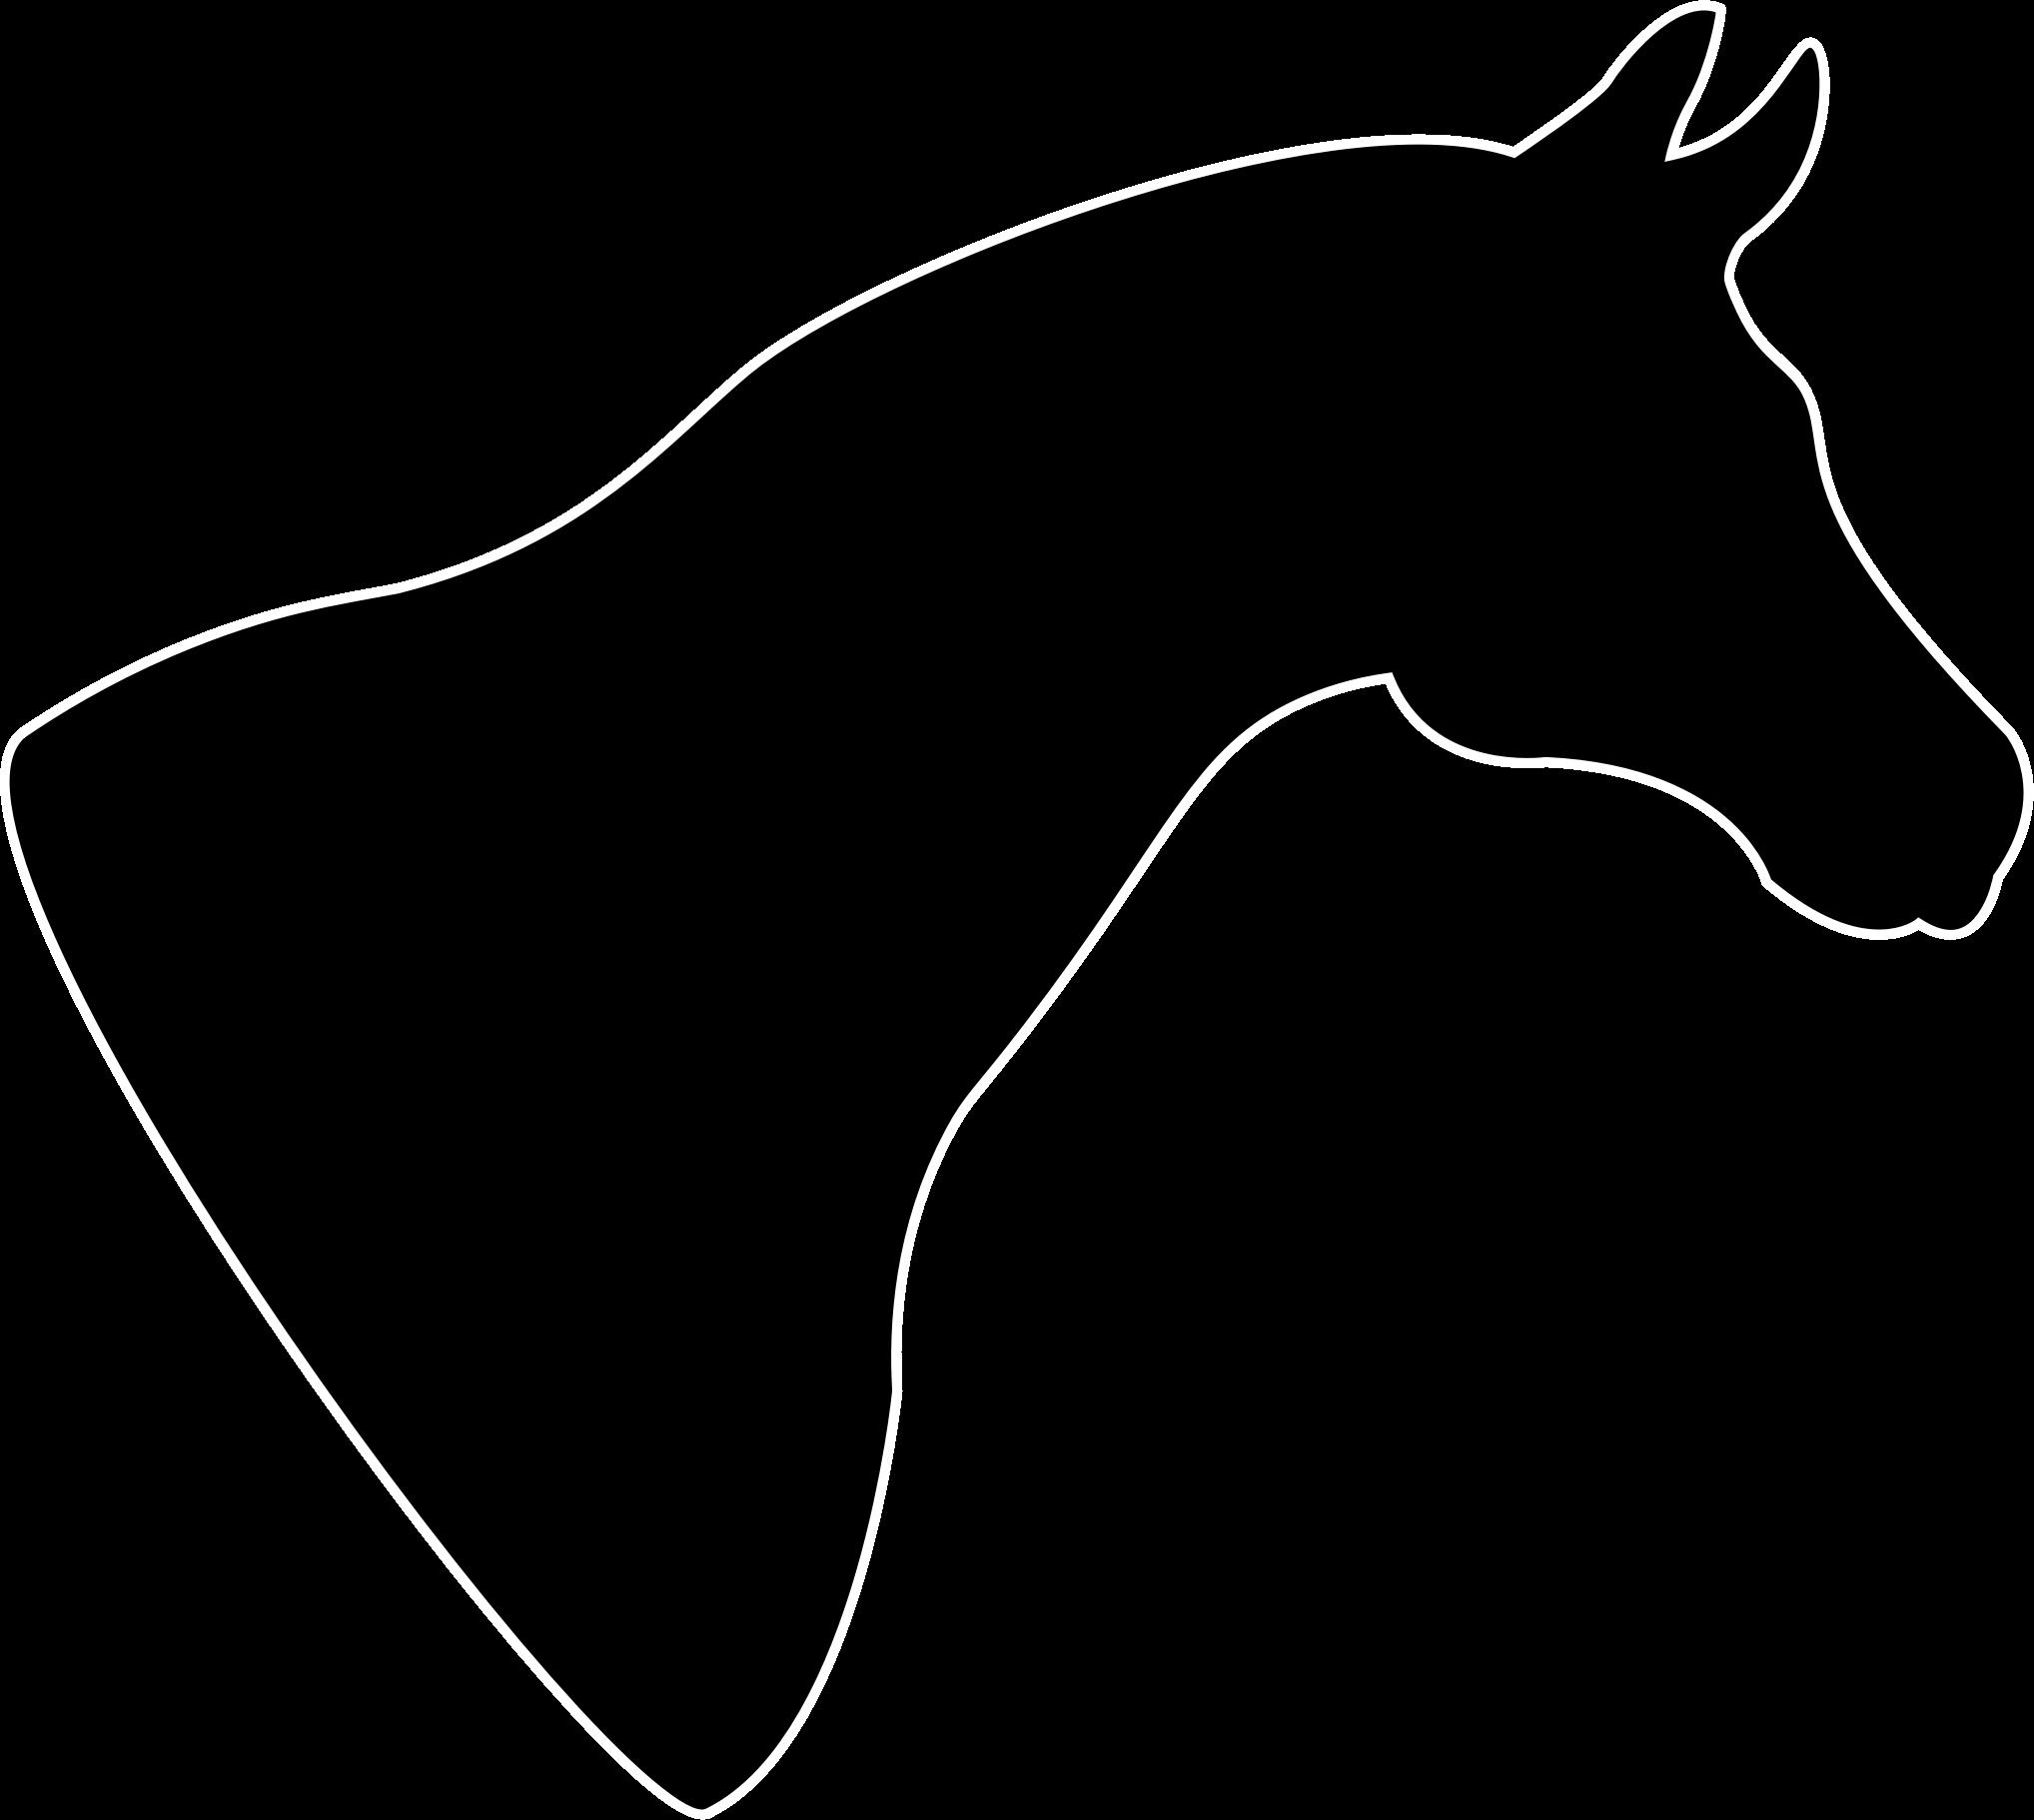 PNG Horse Head - 53293